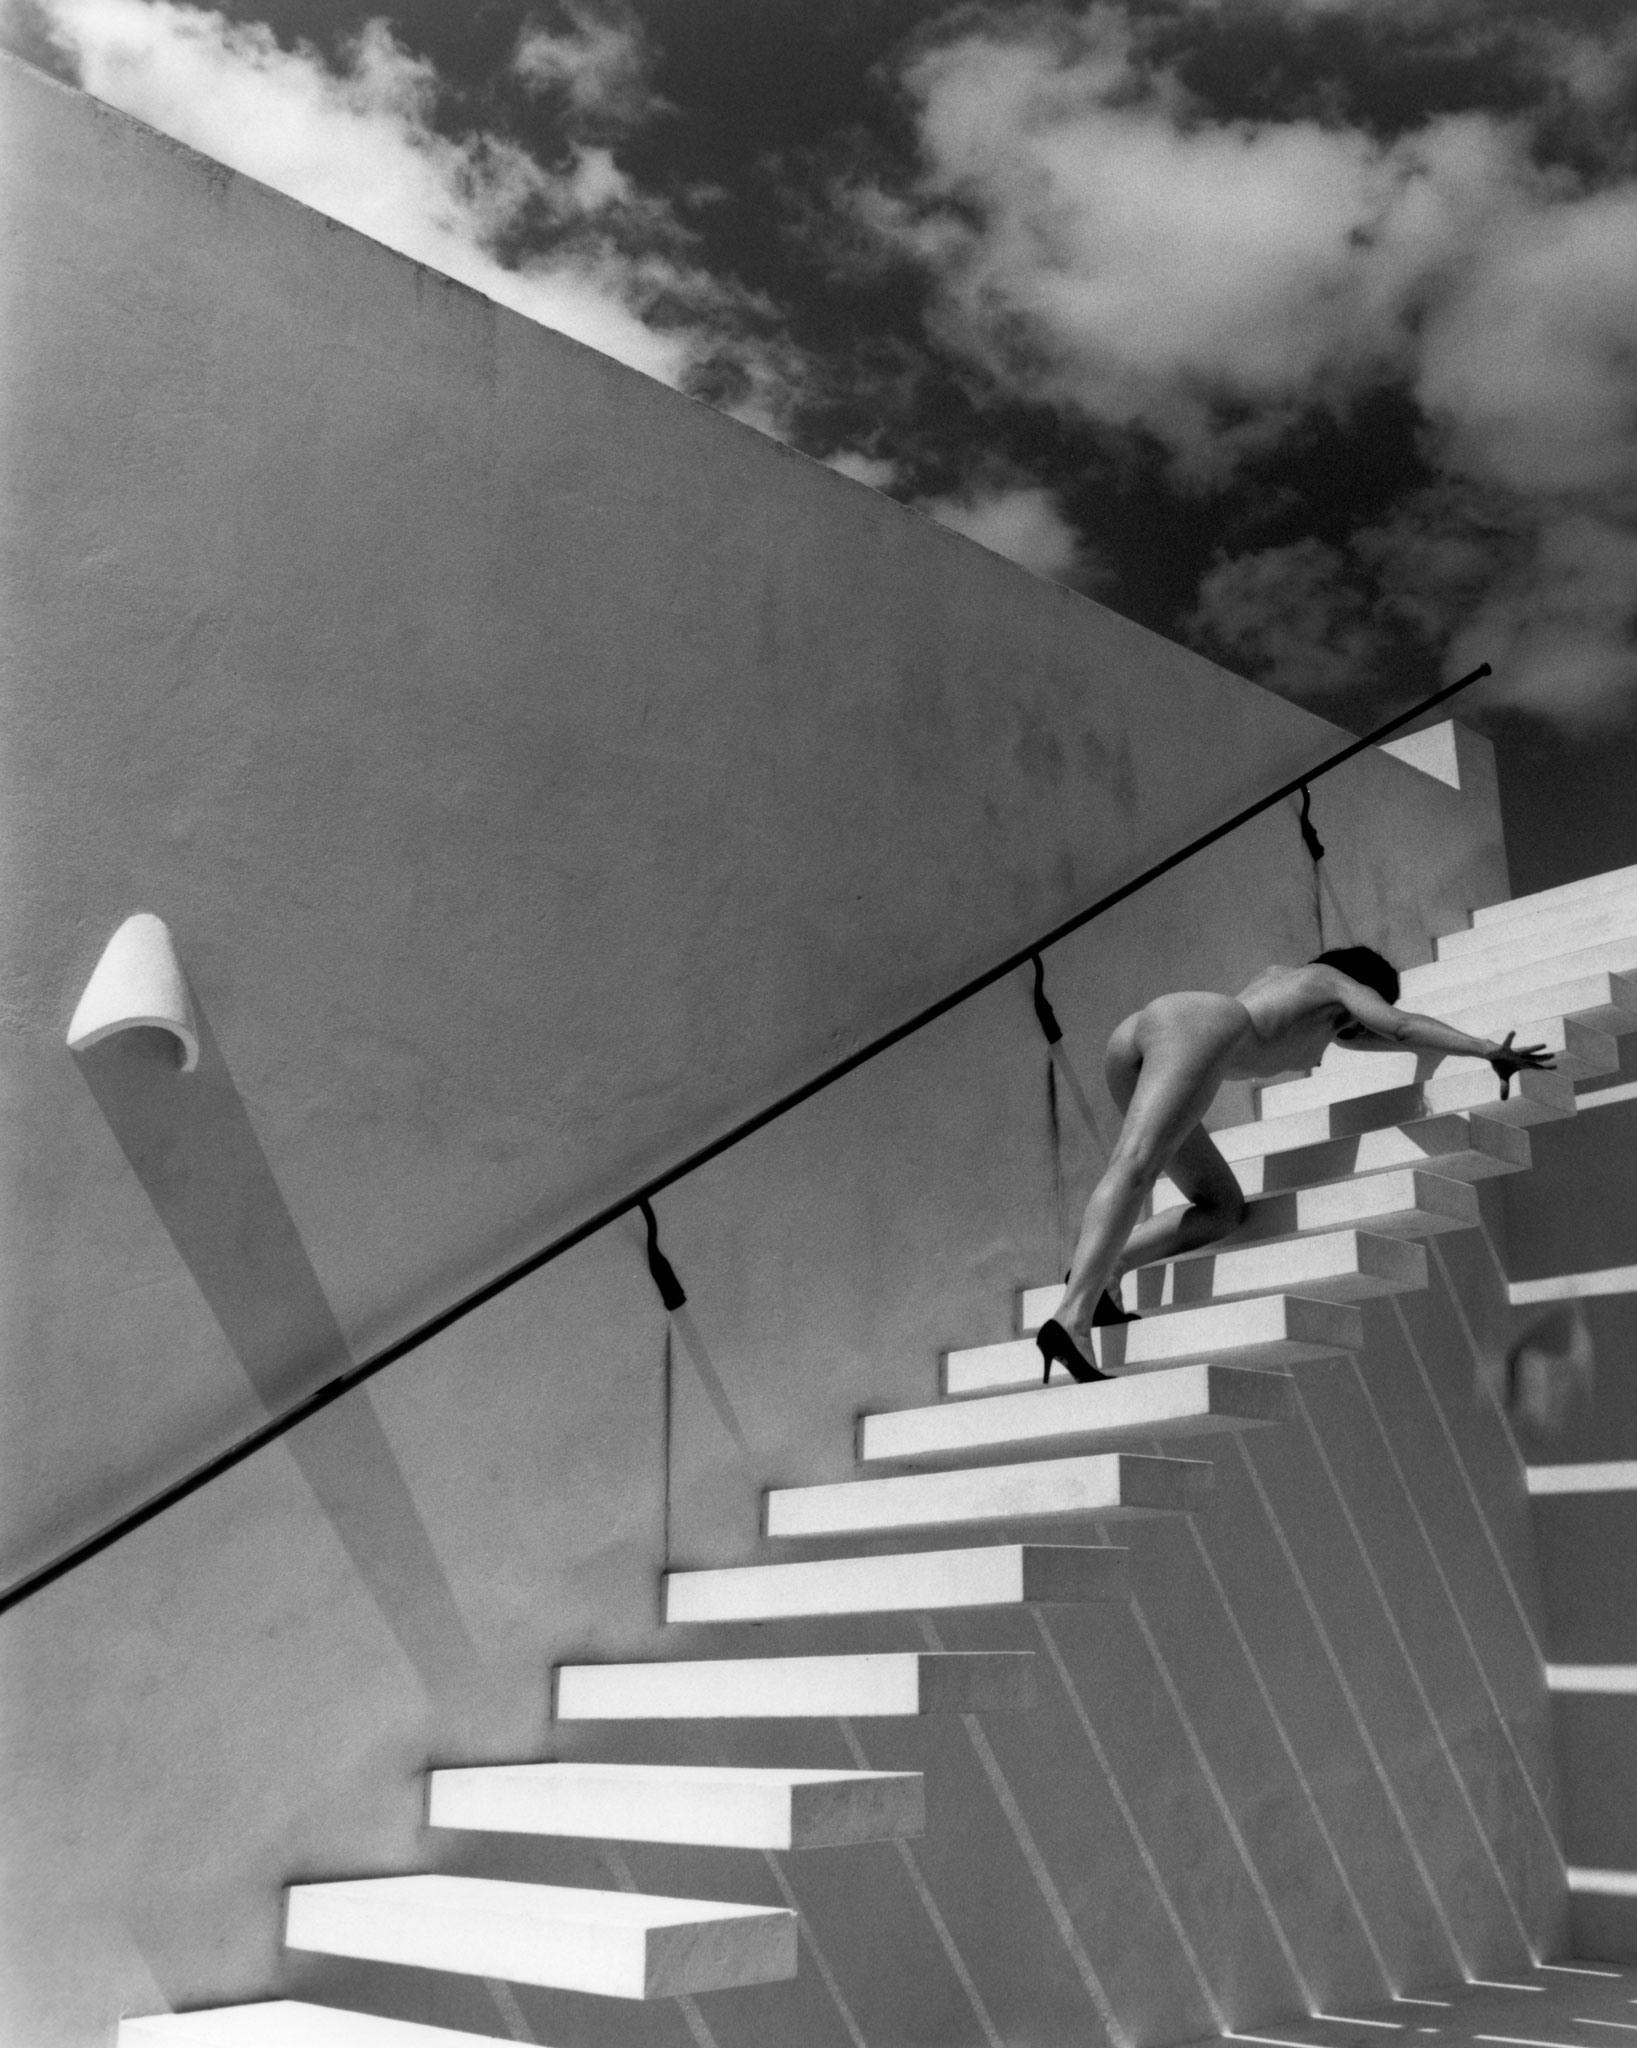 kim-weston-nude-on-white-stairs-2014.jpg